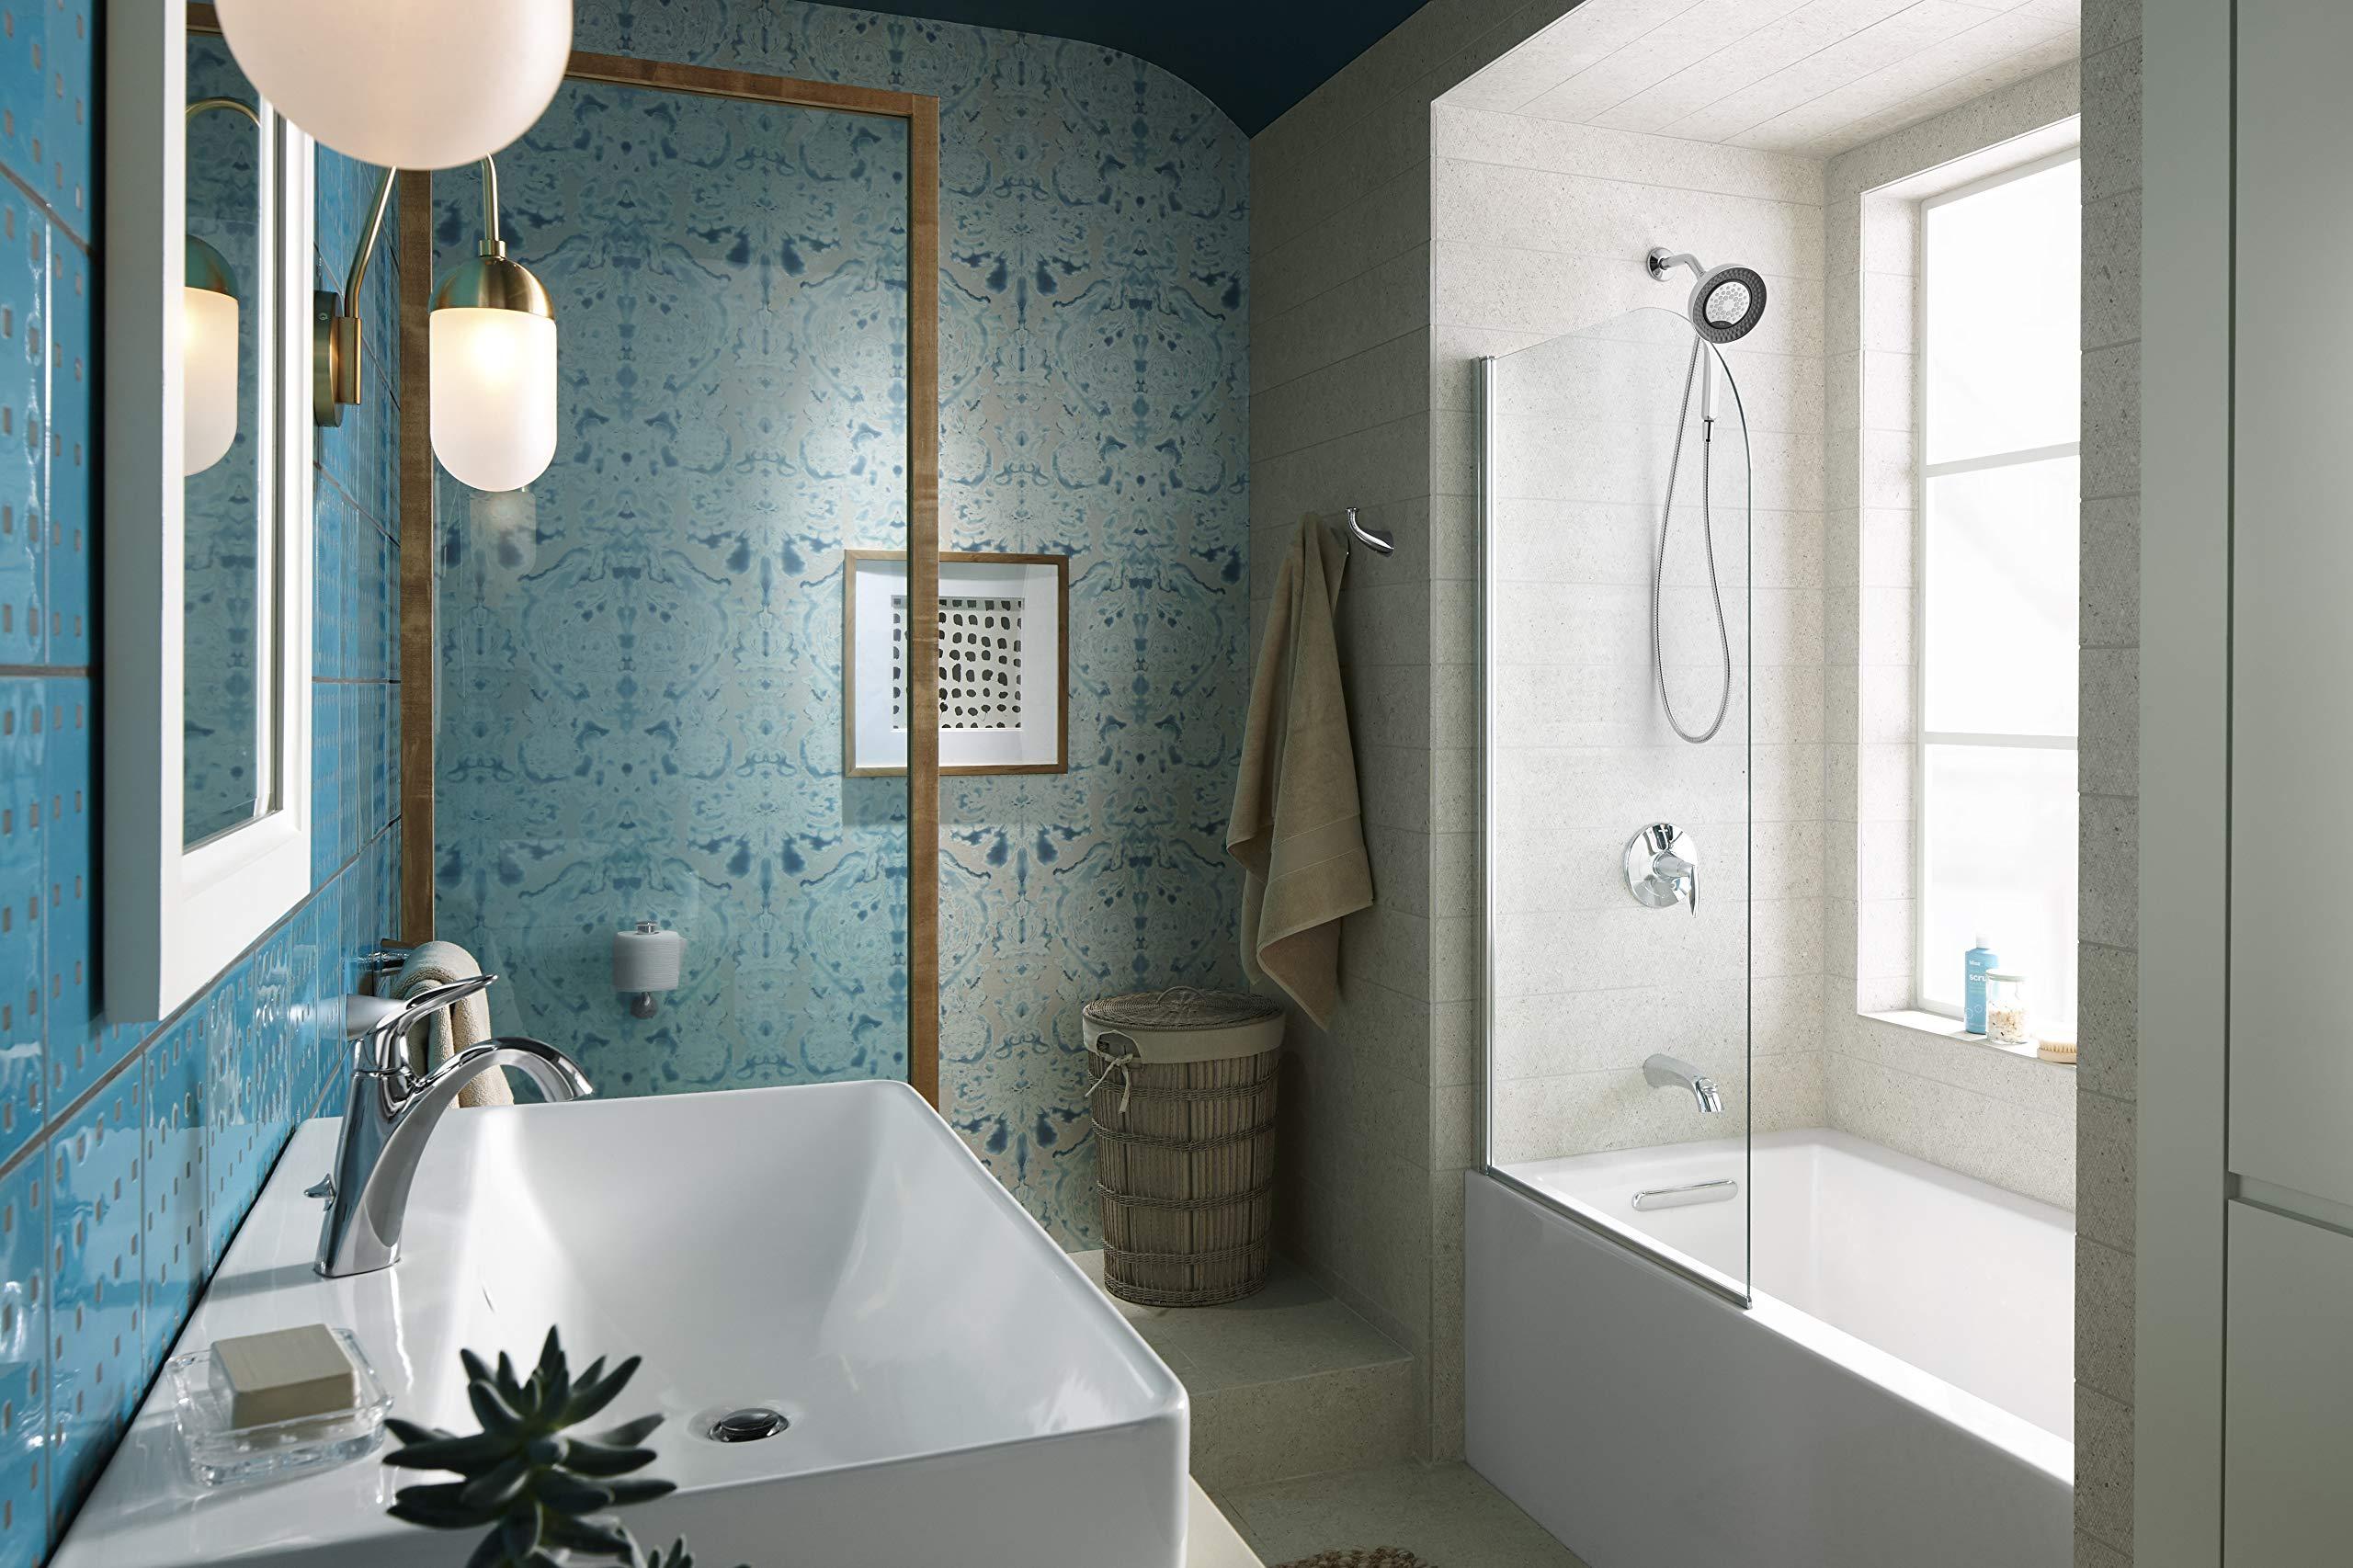 Kohler K45131BN Alteo 6-1/2-Inch Bath Spout, Vibrant Brushed Nickel by Kohler (Image #2)